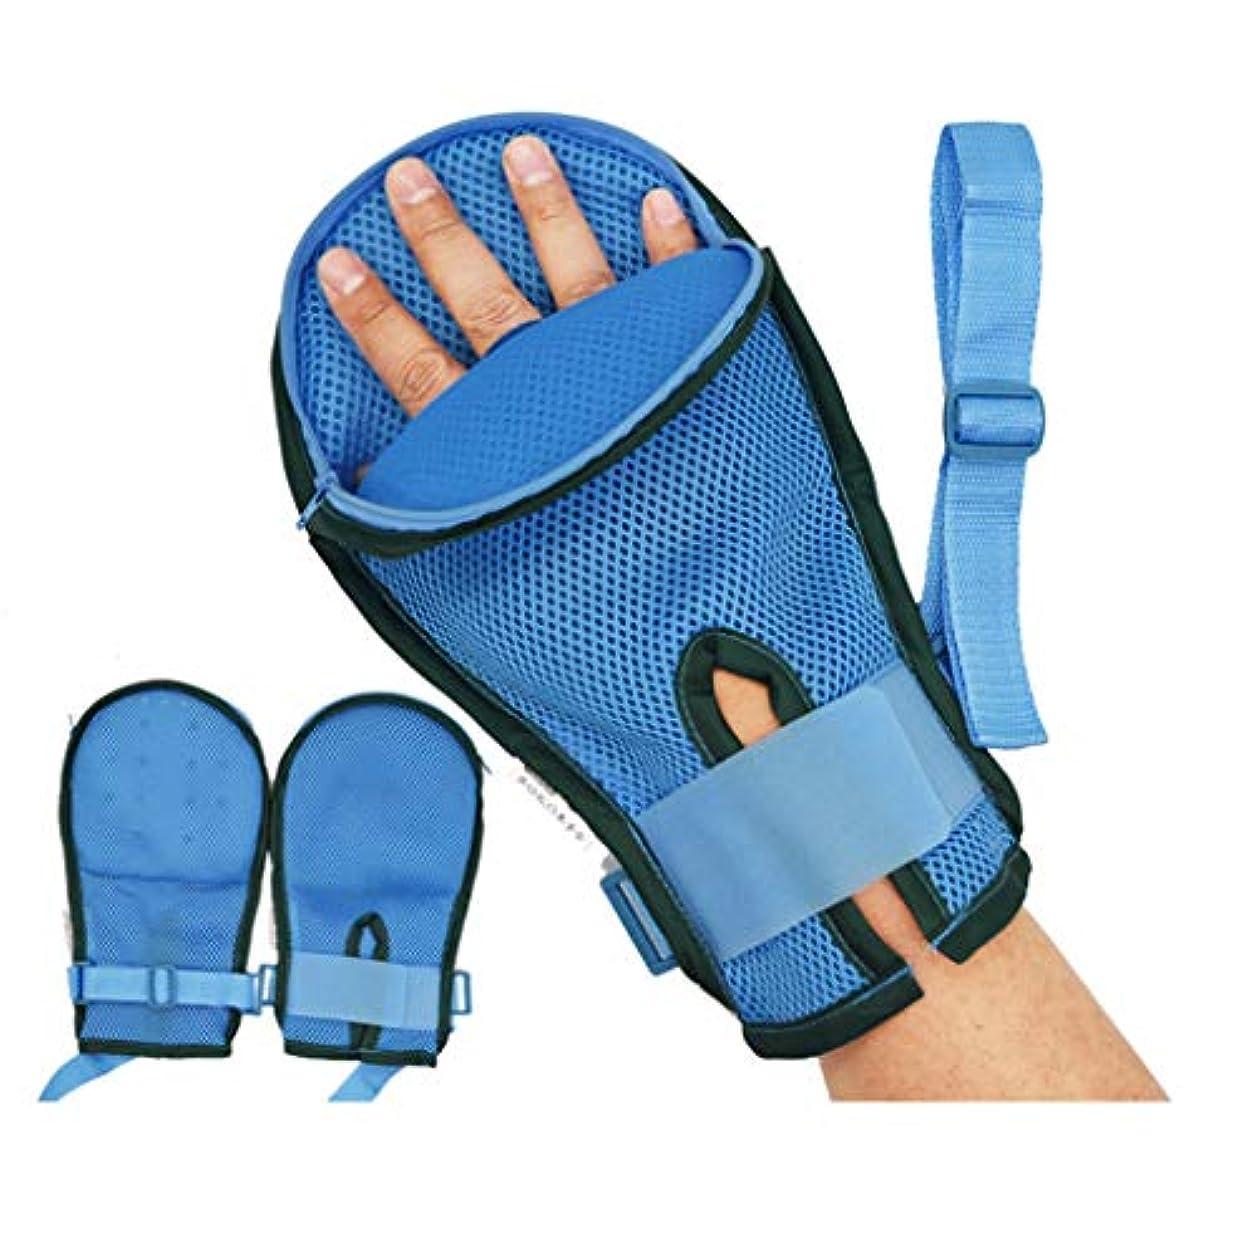 虫を数える摂動の手の拘束制御手袋 - 安全通気性の指の手袋認知症の手袋指の害を防ぐ固定ヘルスケア用具,2pcs,L